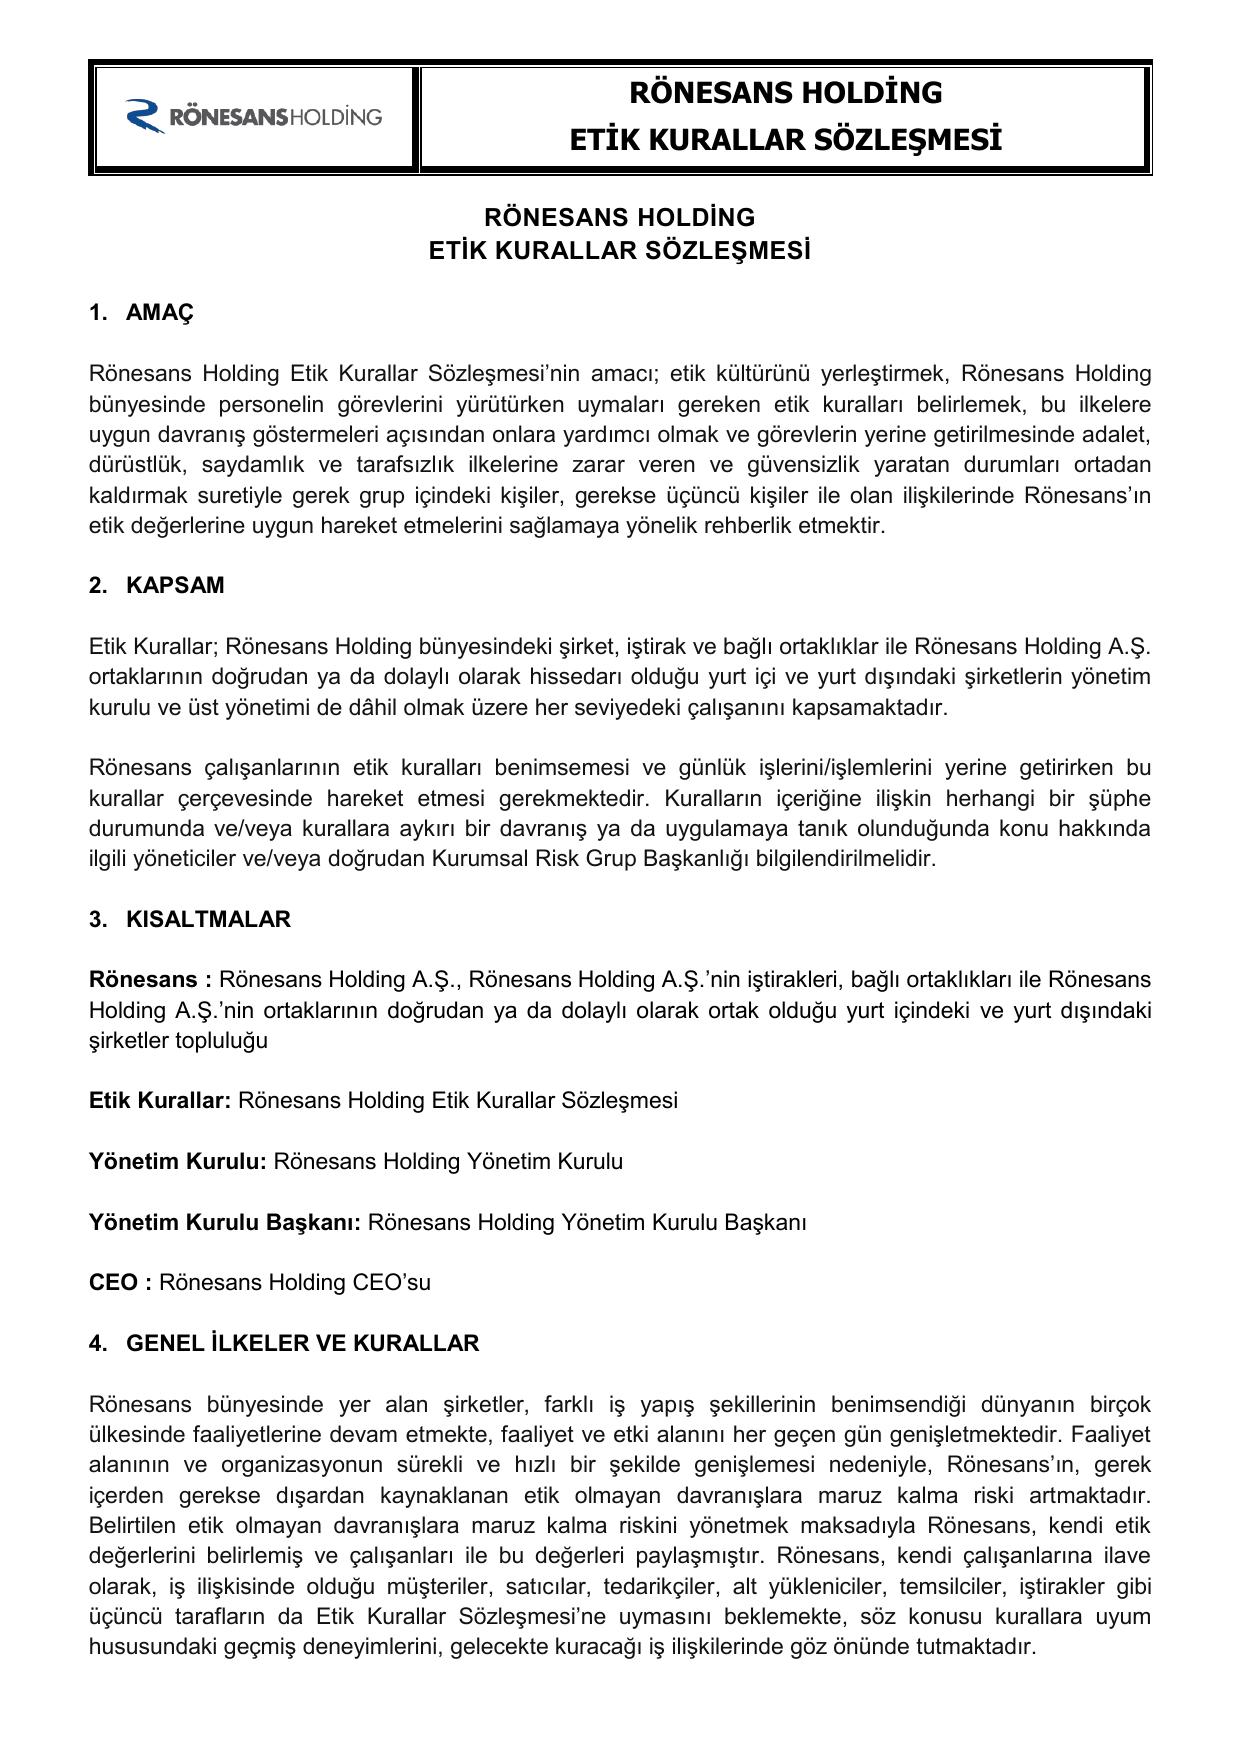 Rönesans Holding Etik Kurallar Sözleşmesi